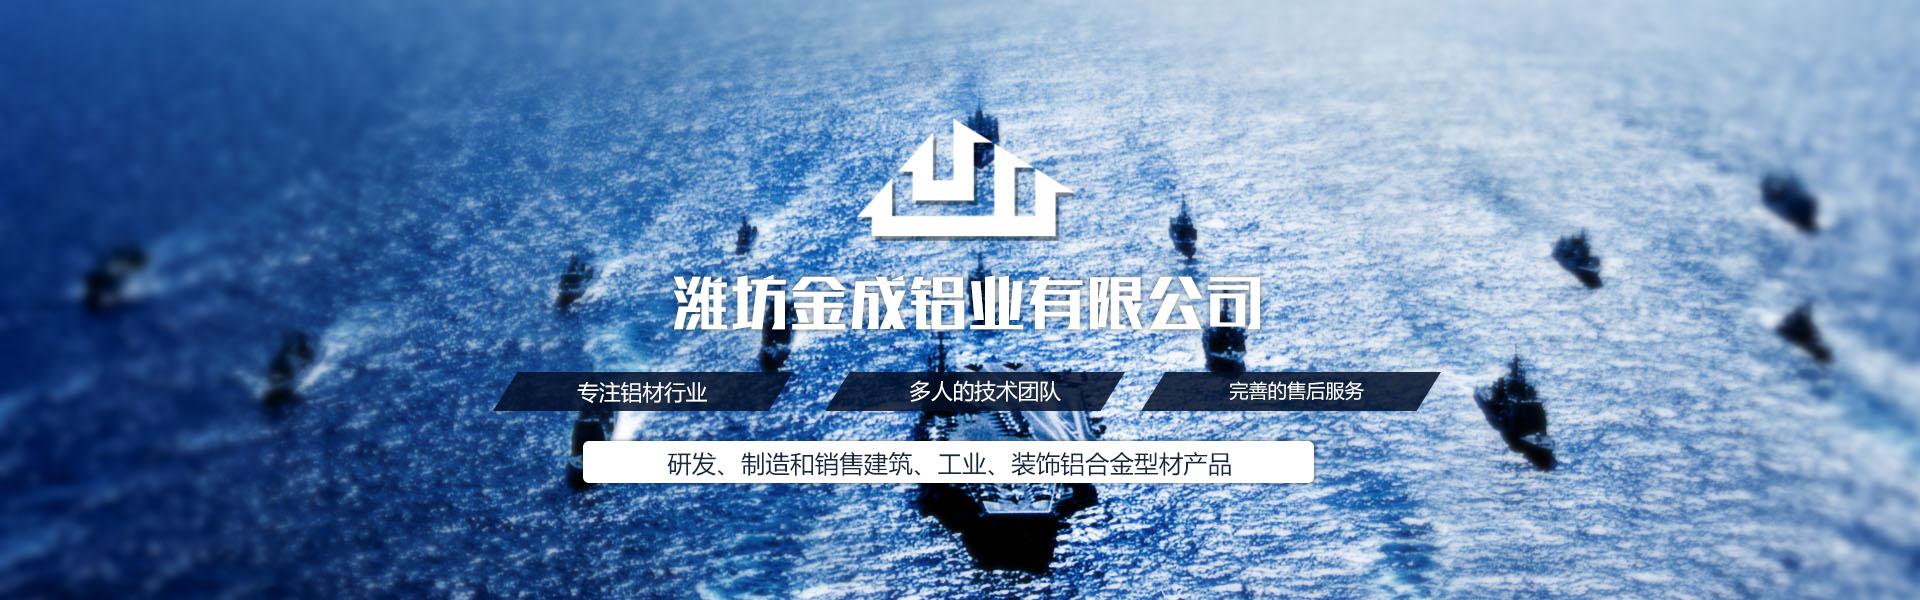 潍坊金成铝业有限公司